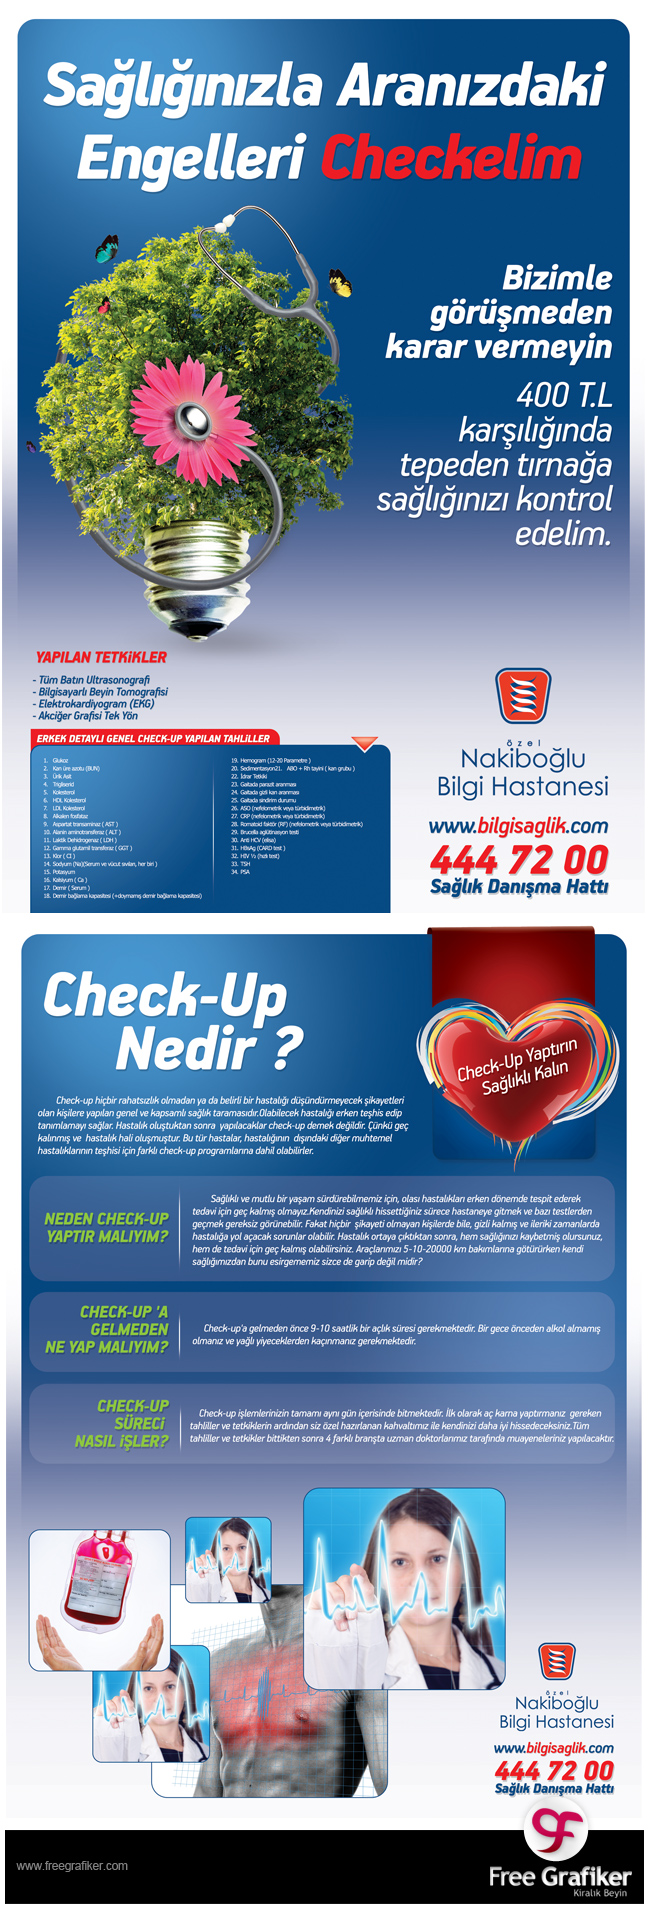 Nakiboğlu Hastanesi Dergi Reklamı Tasarımı